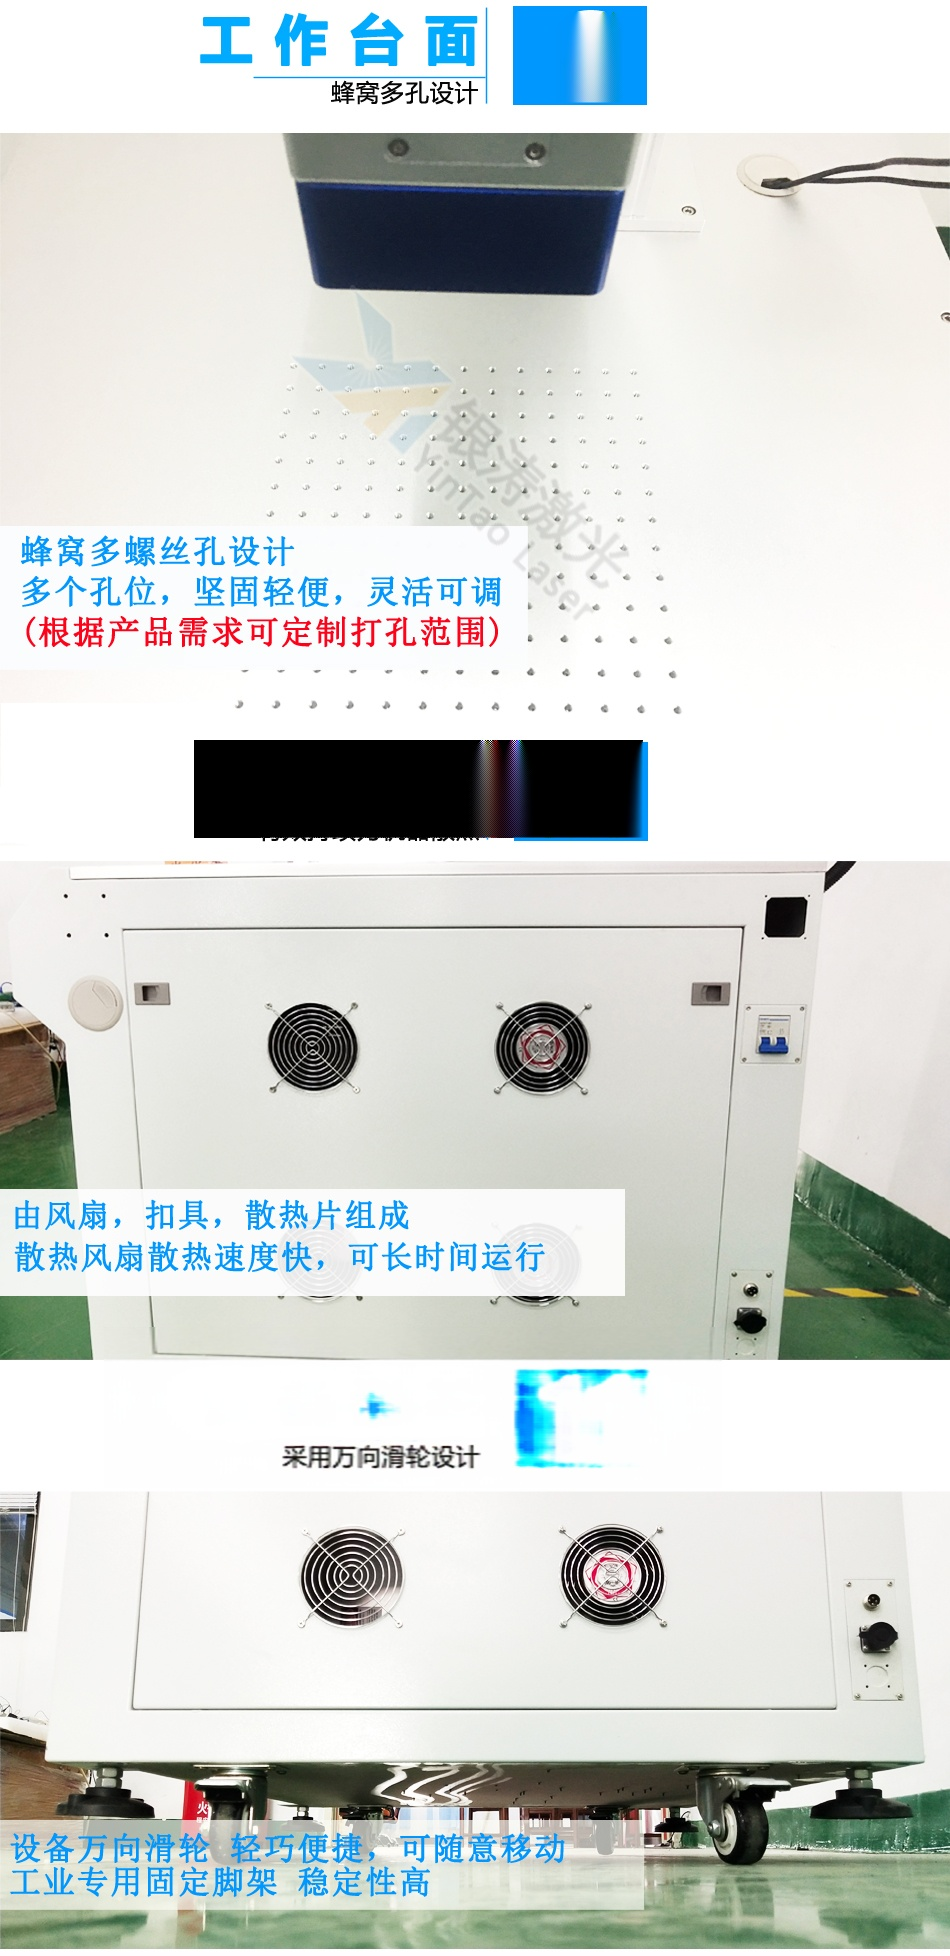 激光微孔机详情(新版)_07.jpg